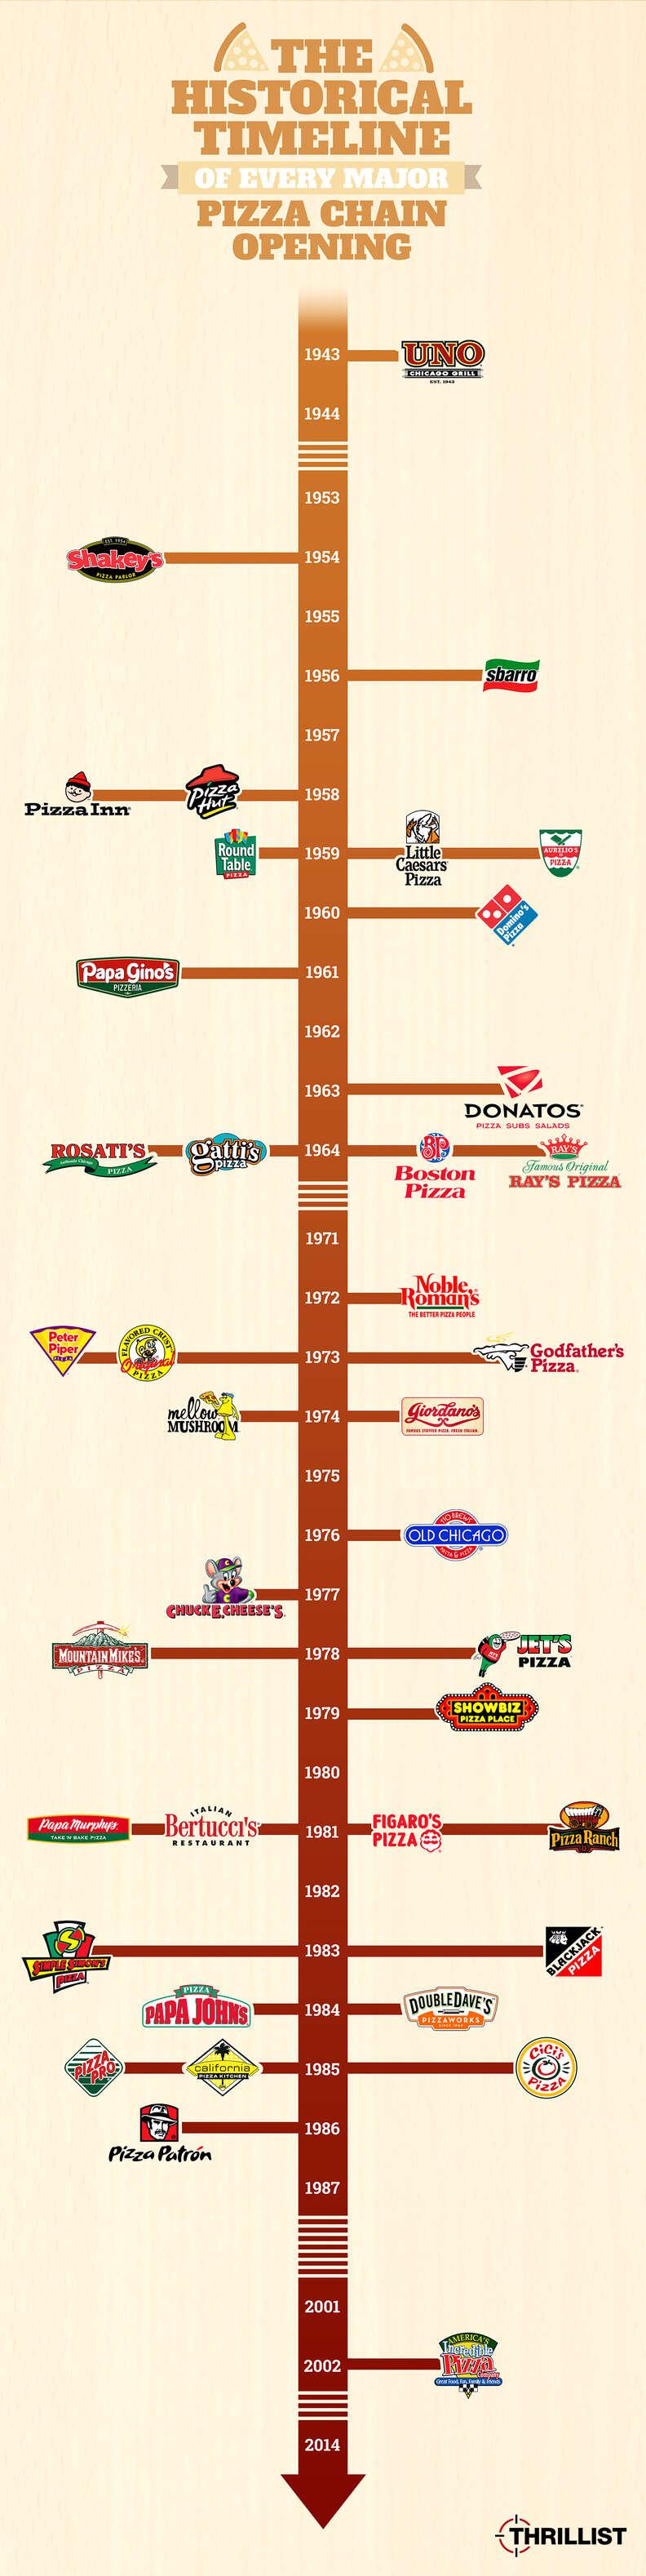 Thrillist pizza chain timeline